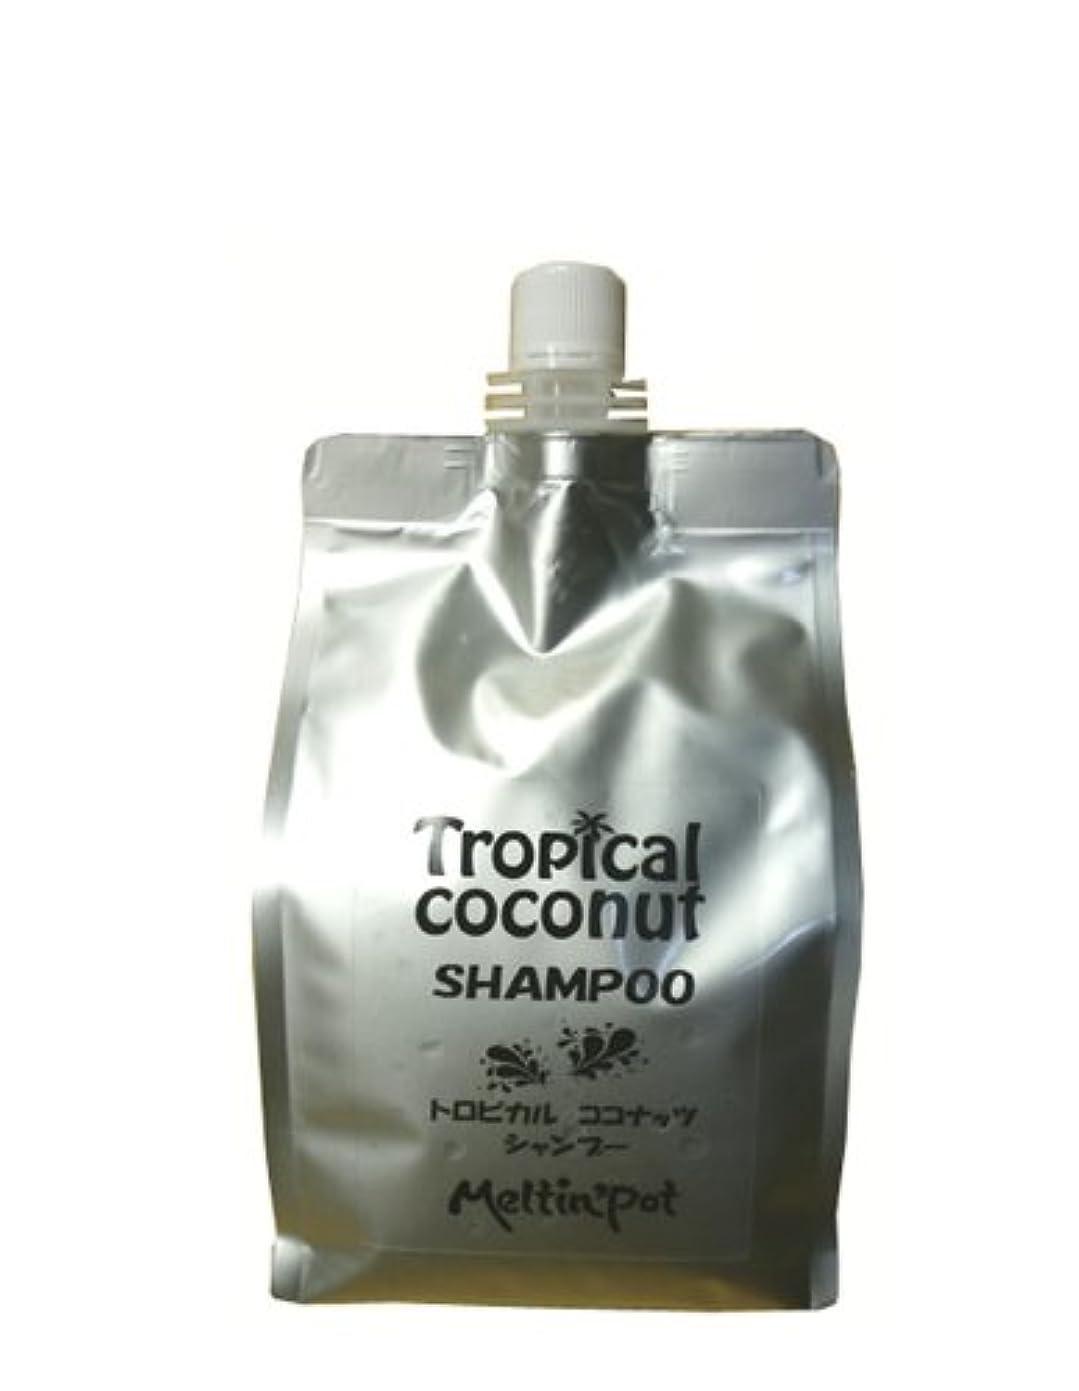 シリアル画面荒廃するトロピカルココナッツ シャンプー 詰め替え 1000ml  Tropical coconut shampoo